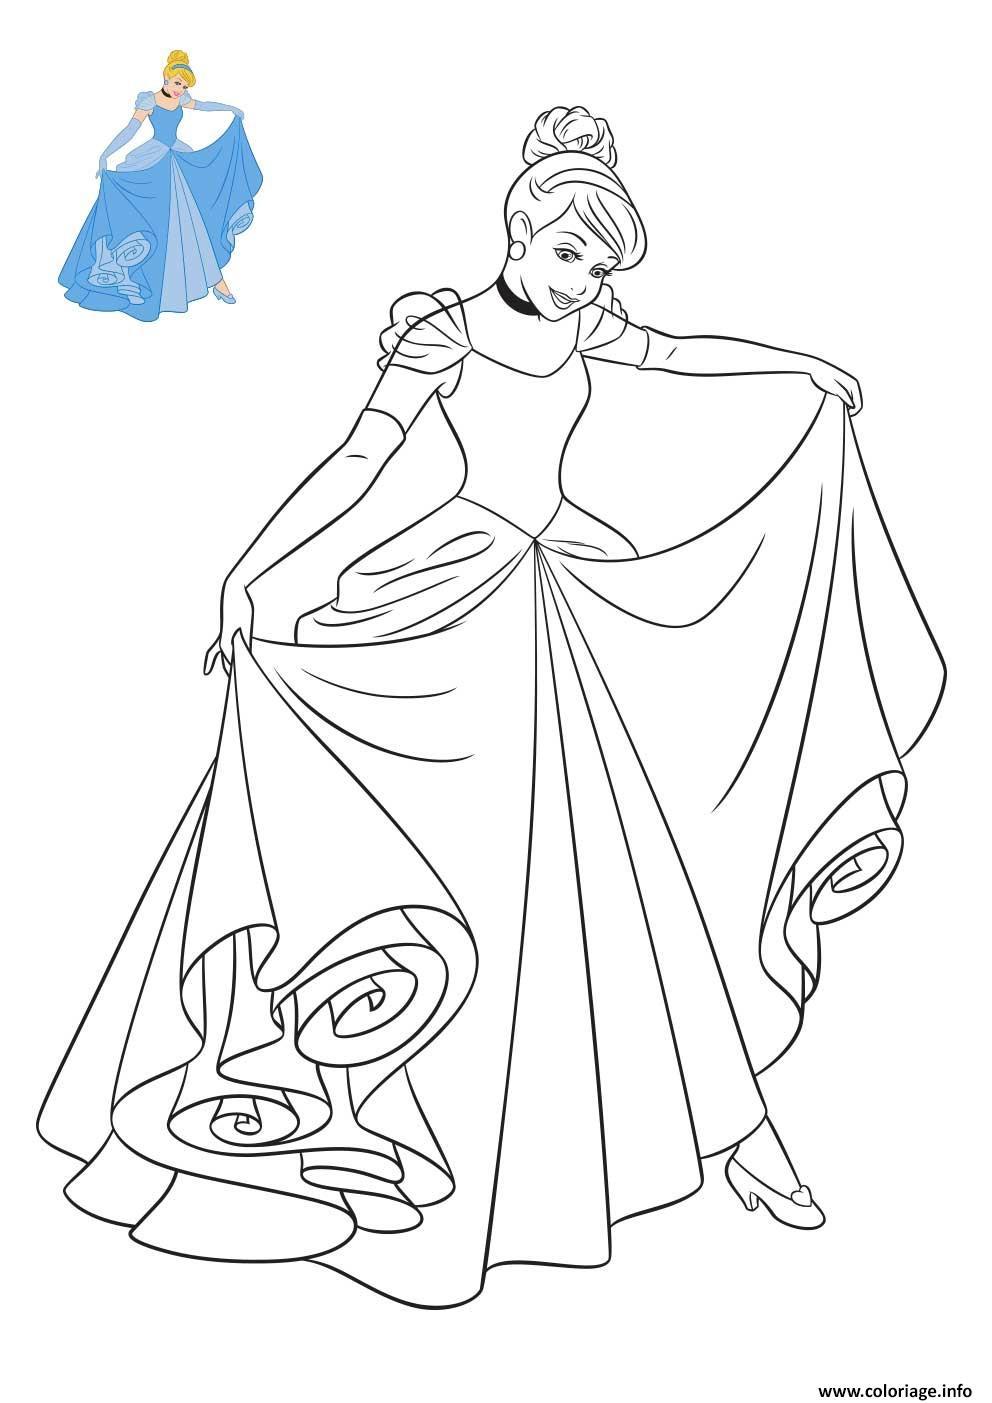 Coloriage Princesse Disney Cendrillon Dessin